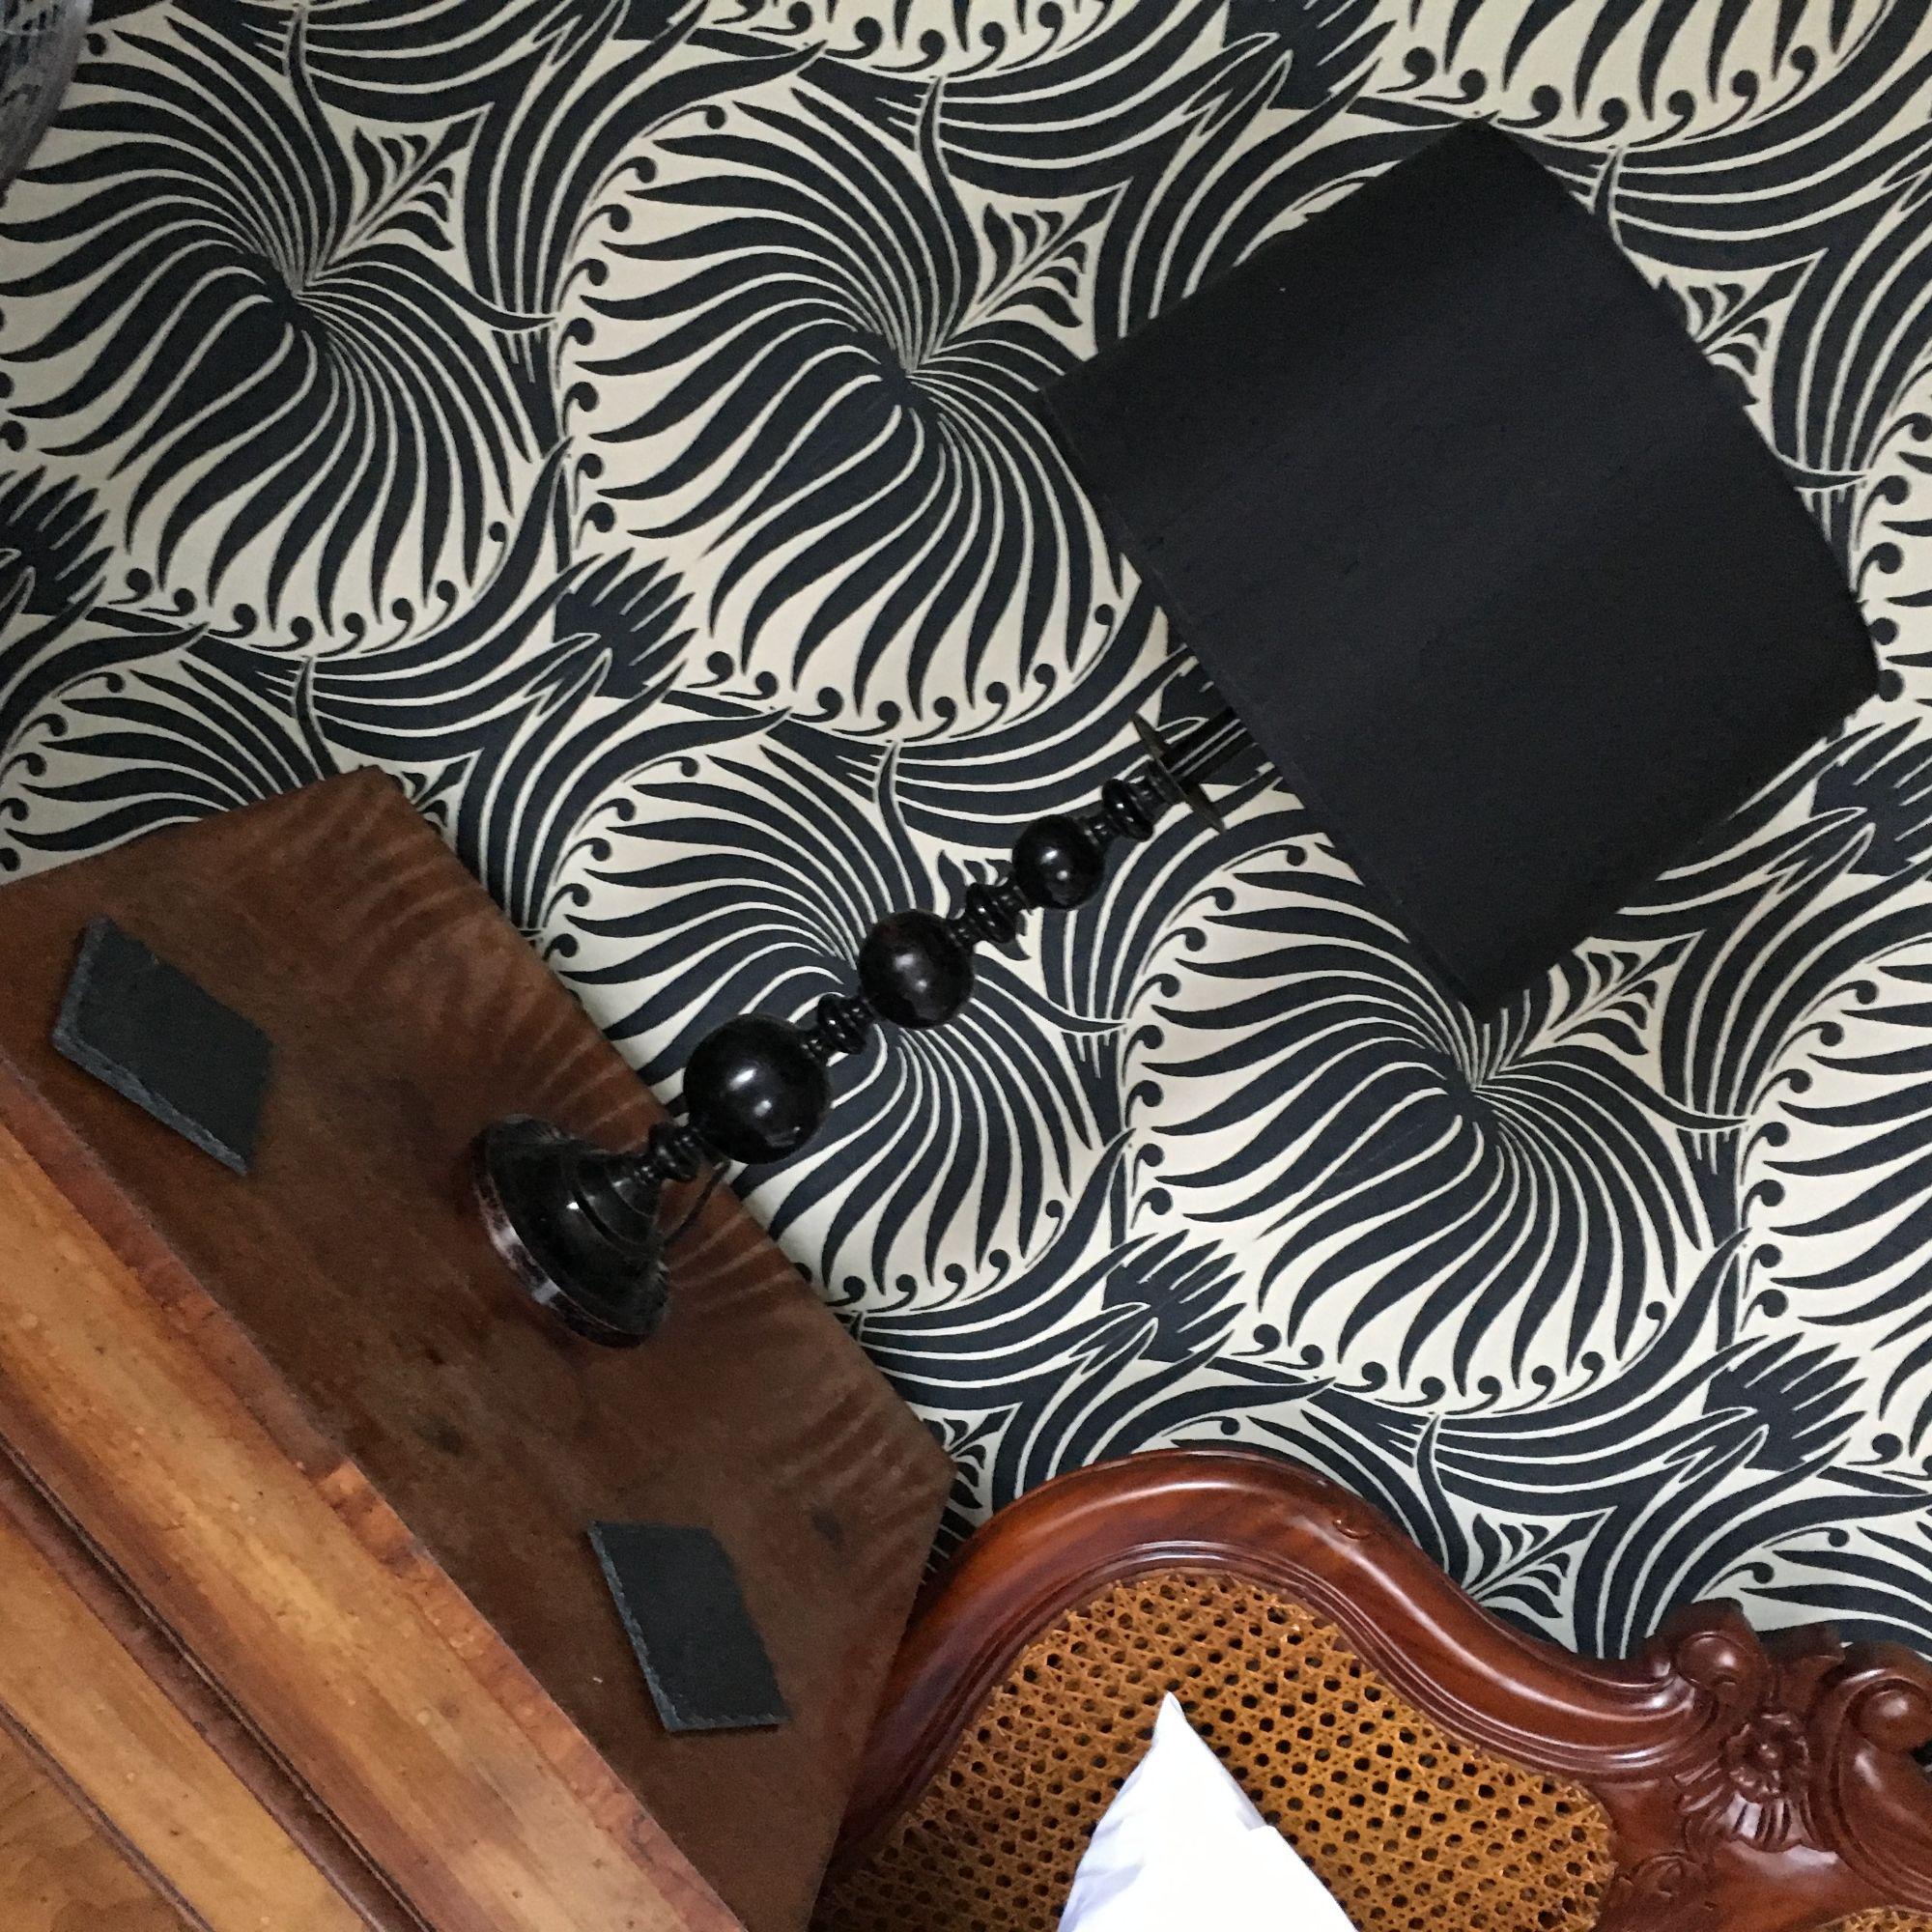 Estuary table lamp